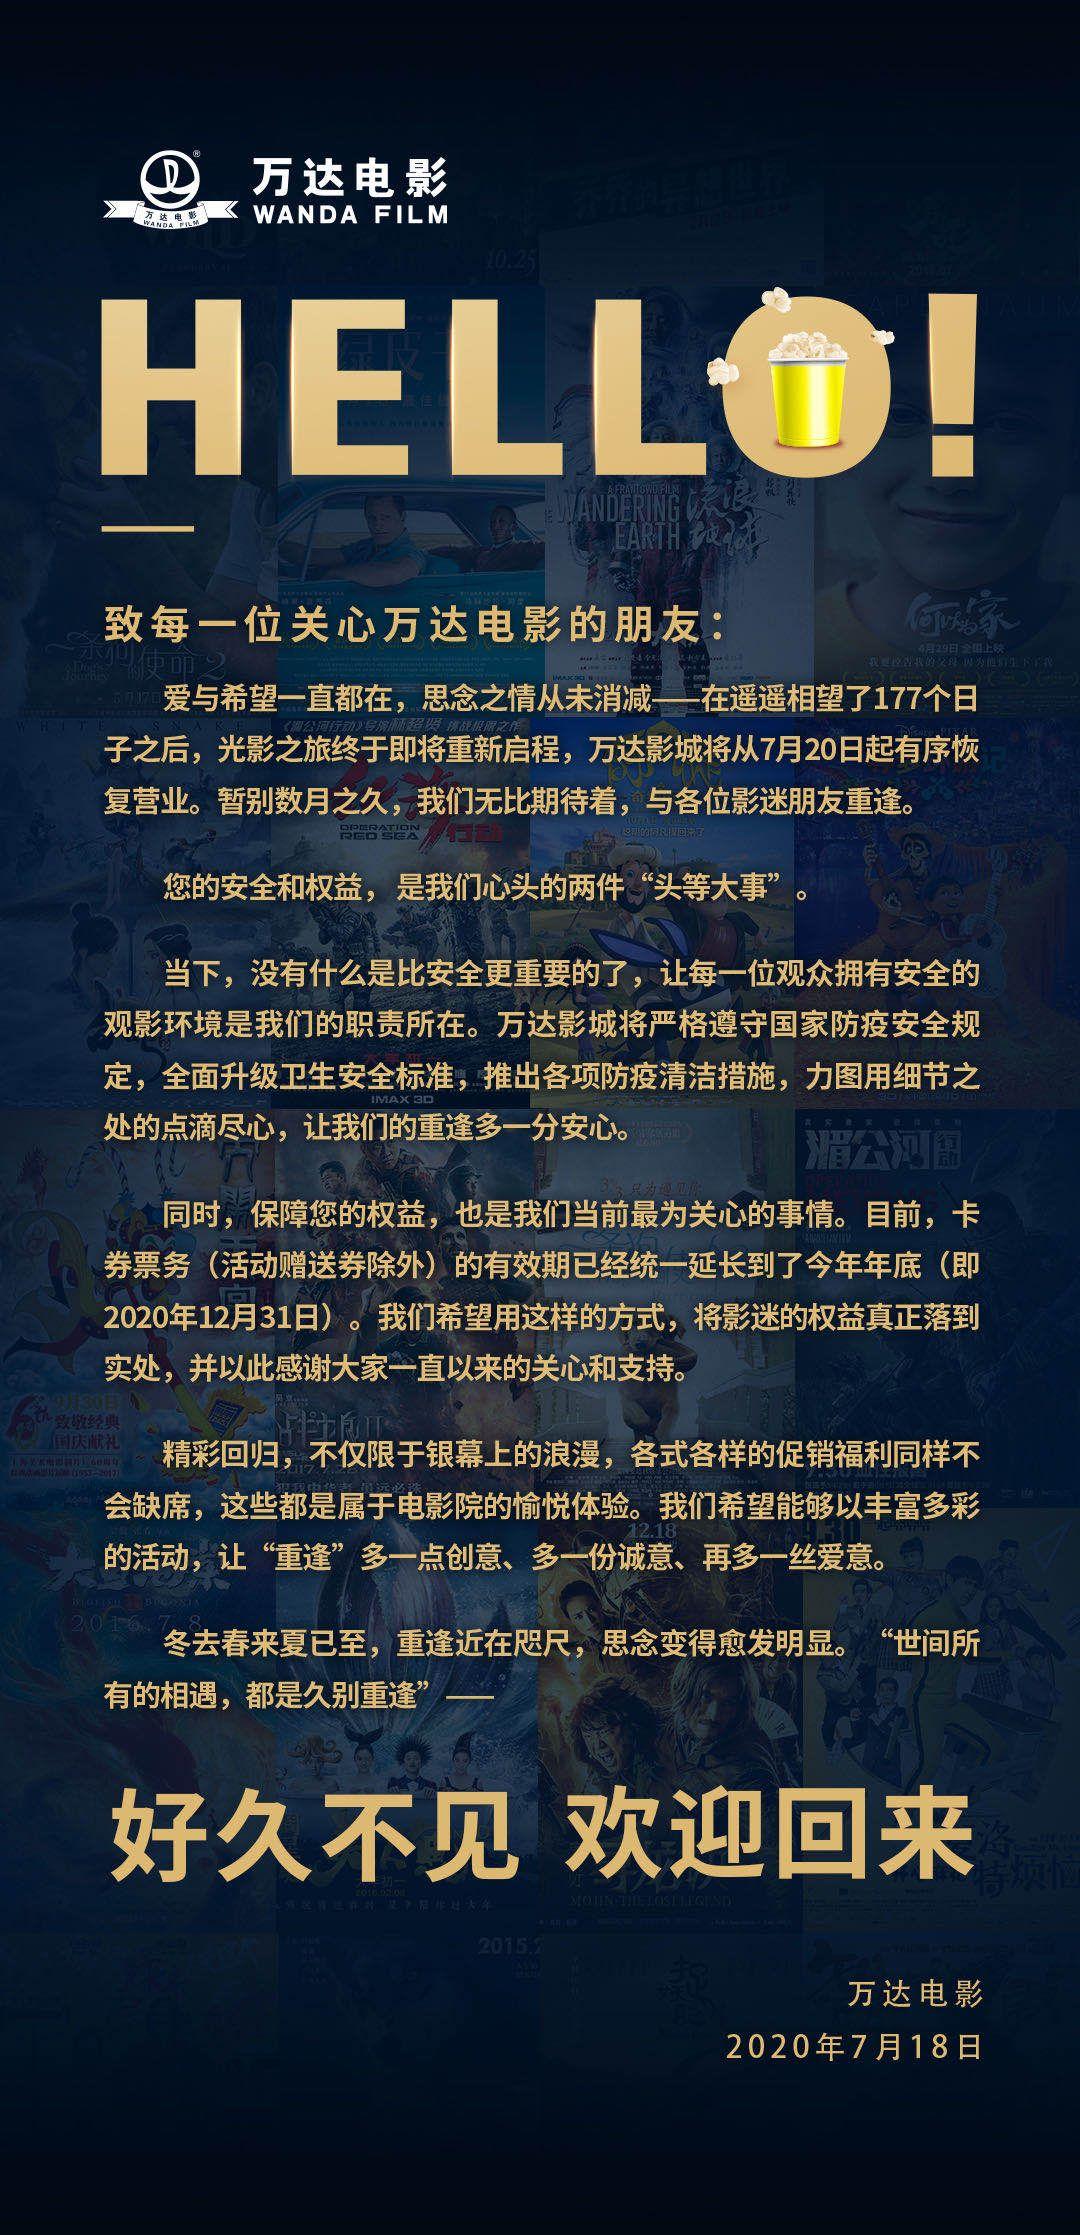 万达电影:7月20日有序恢复买卖-中国网地产